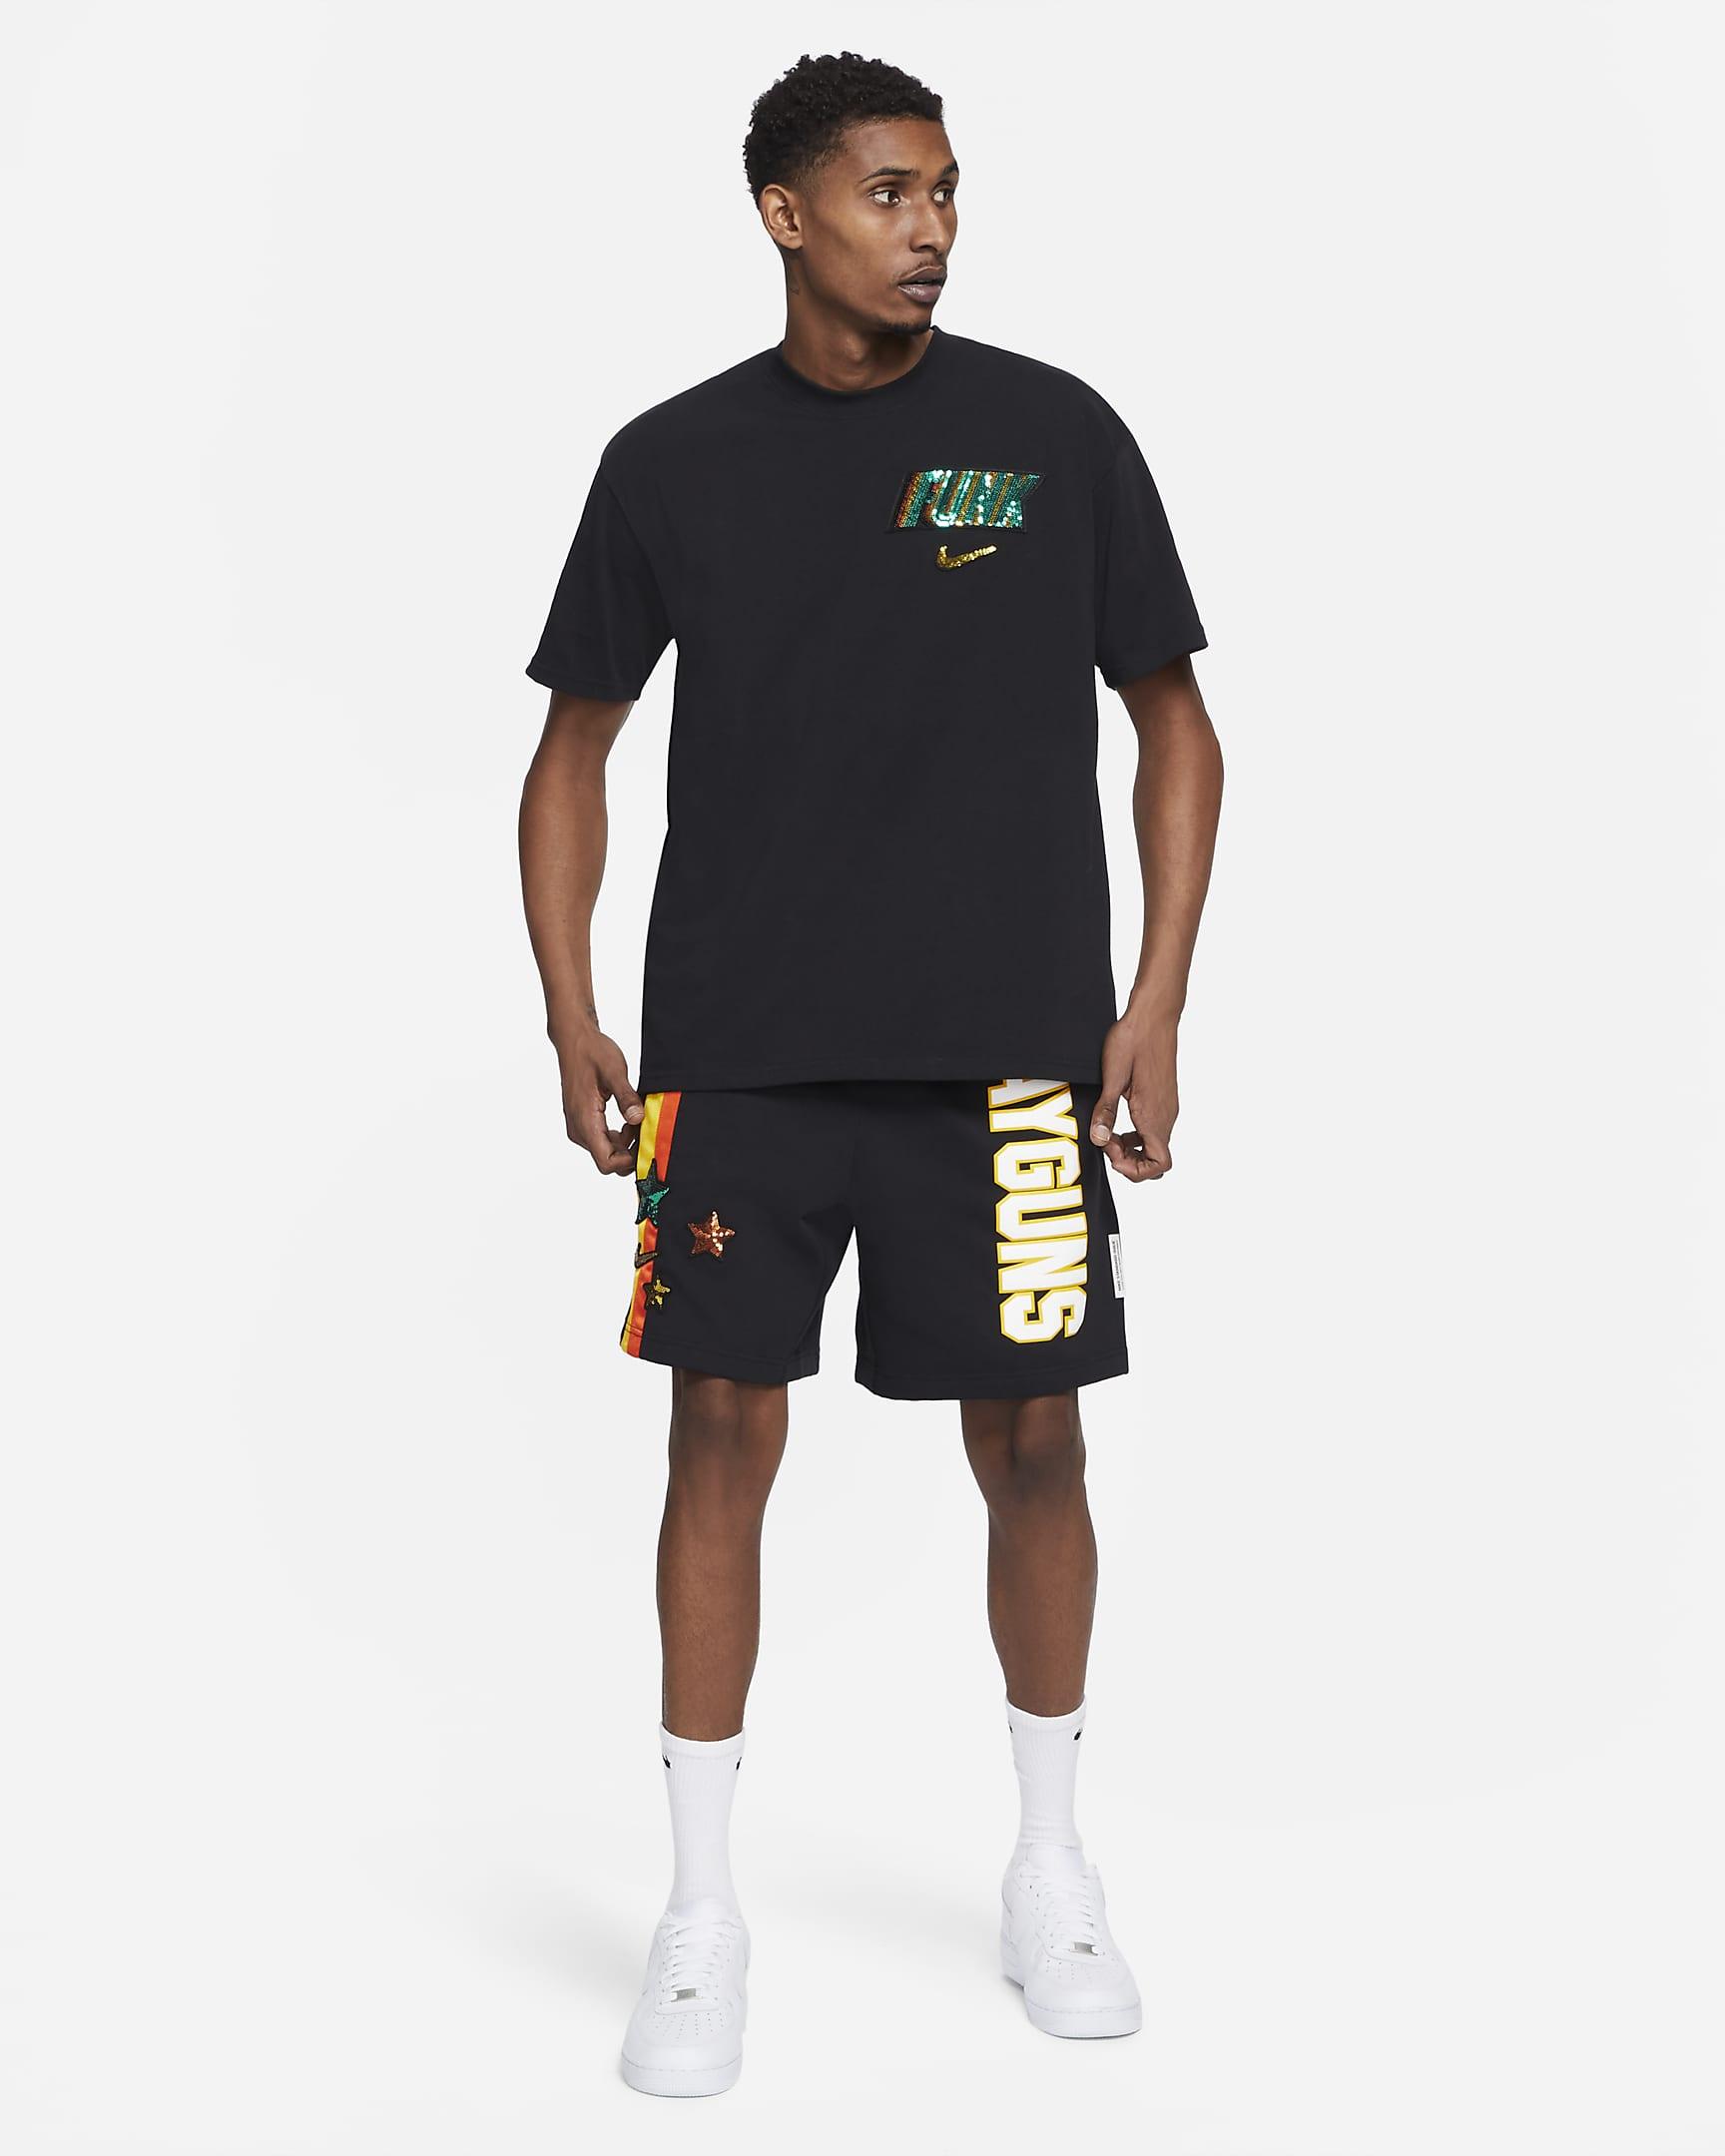 rayguns-mens-basketball-t-shirt-qZwq94-2